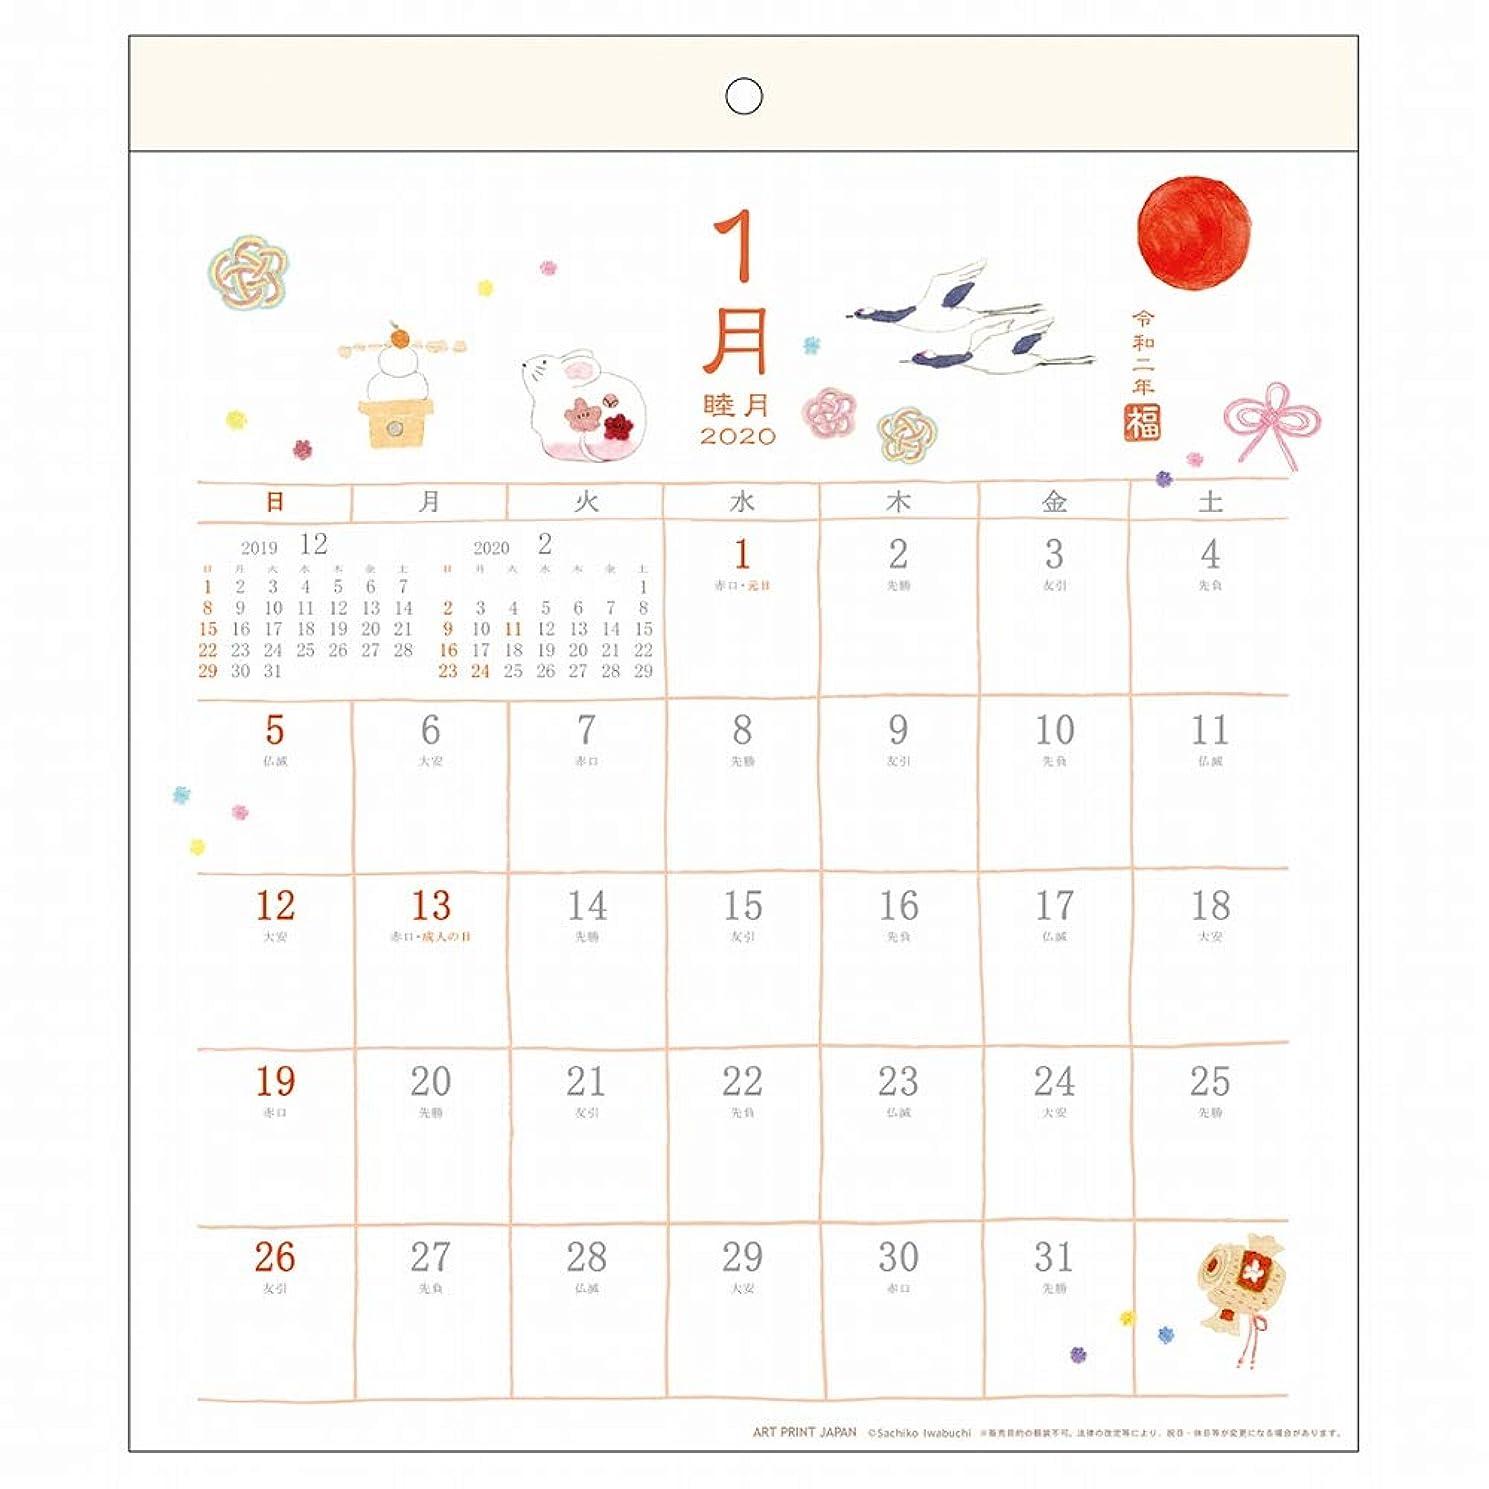 コンバーチブルヨーグルト受け入れたアートプリントジャパン 2020年 いわぶちさちこ和風カレンダー vol.126 1000109340